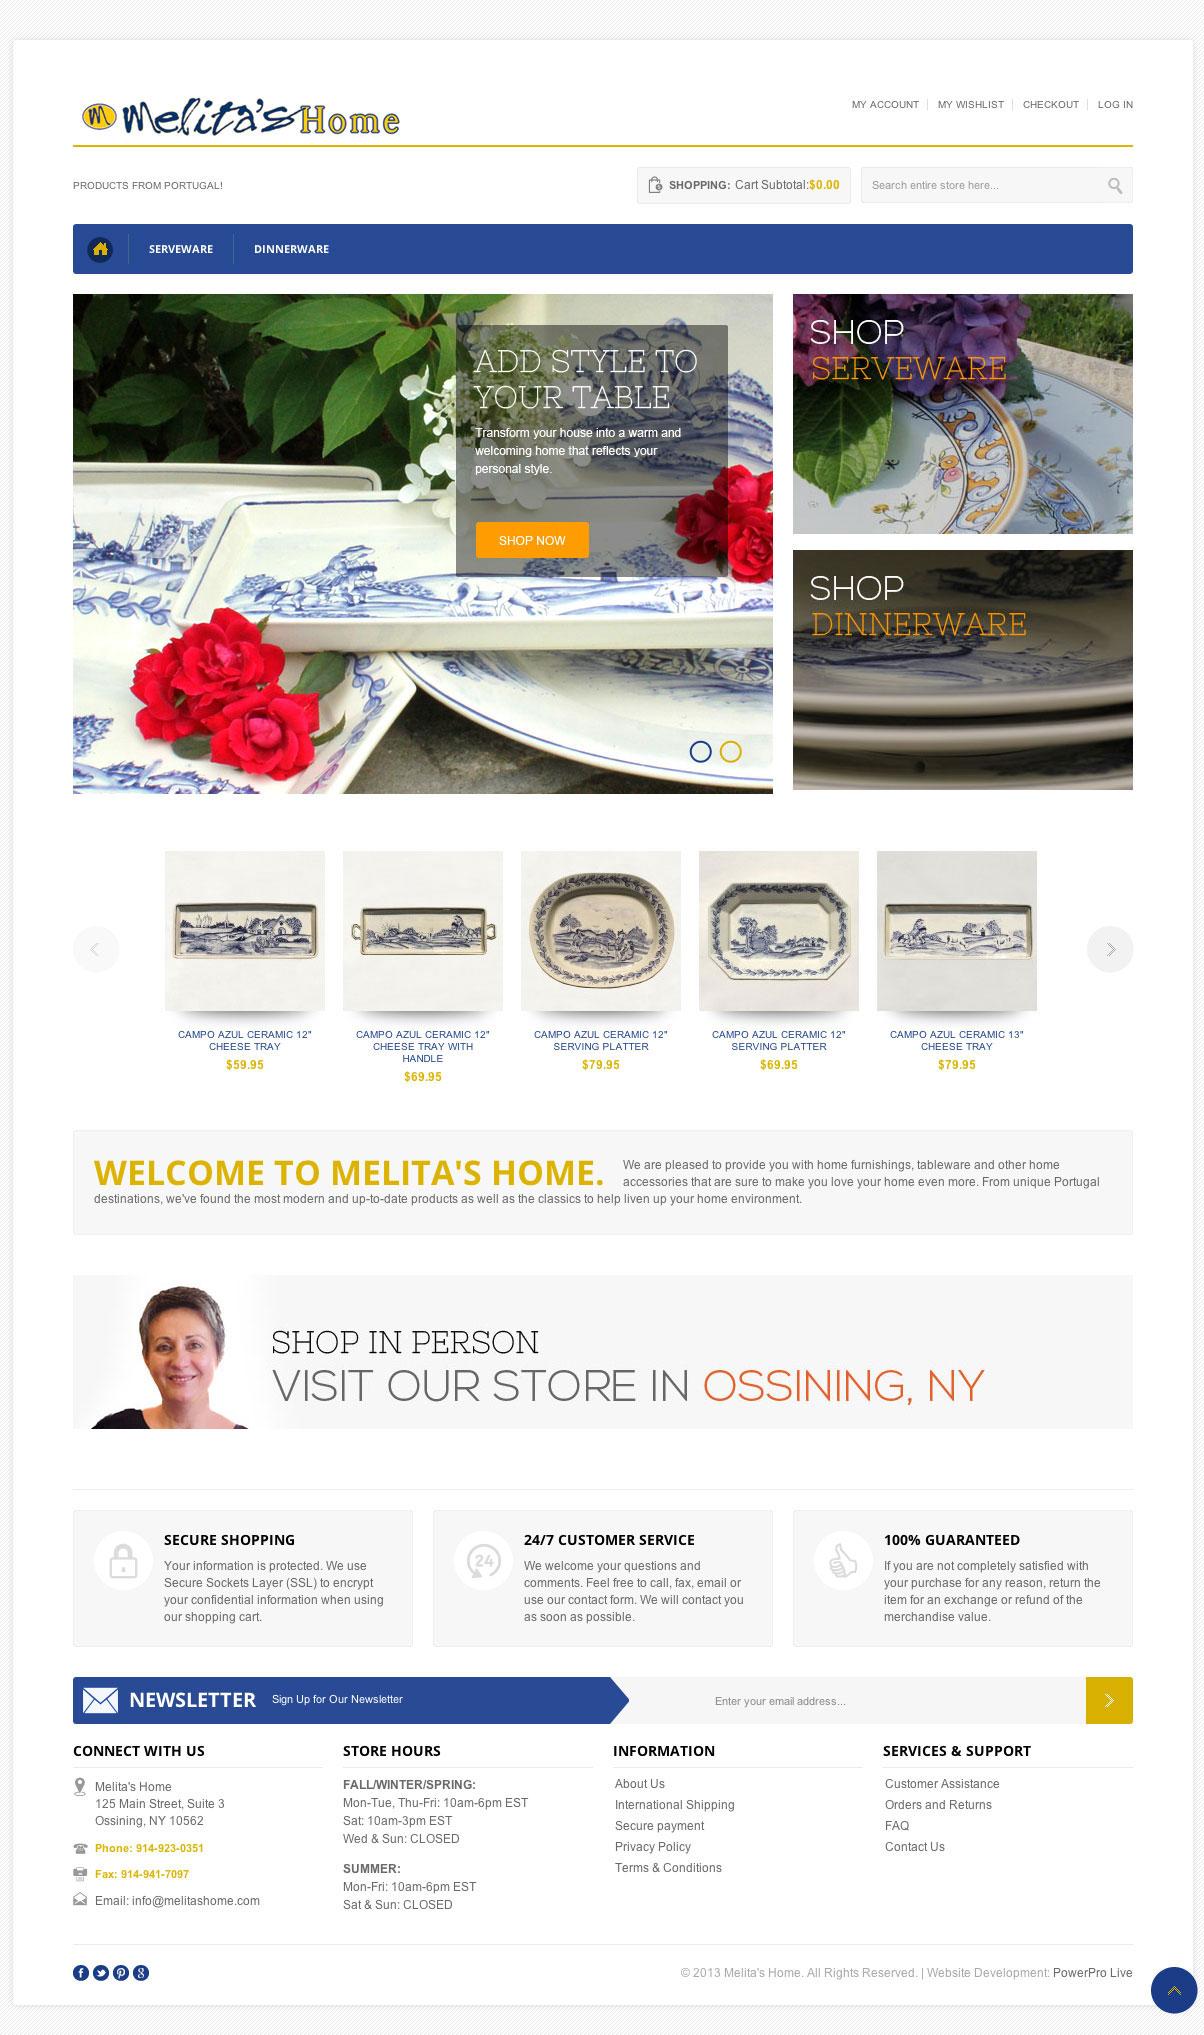 melitas-home-website